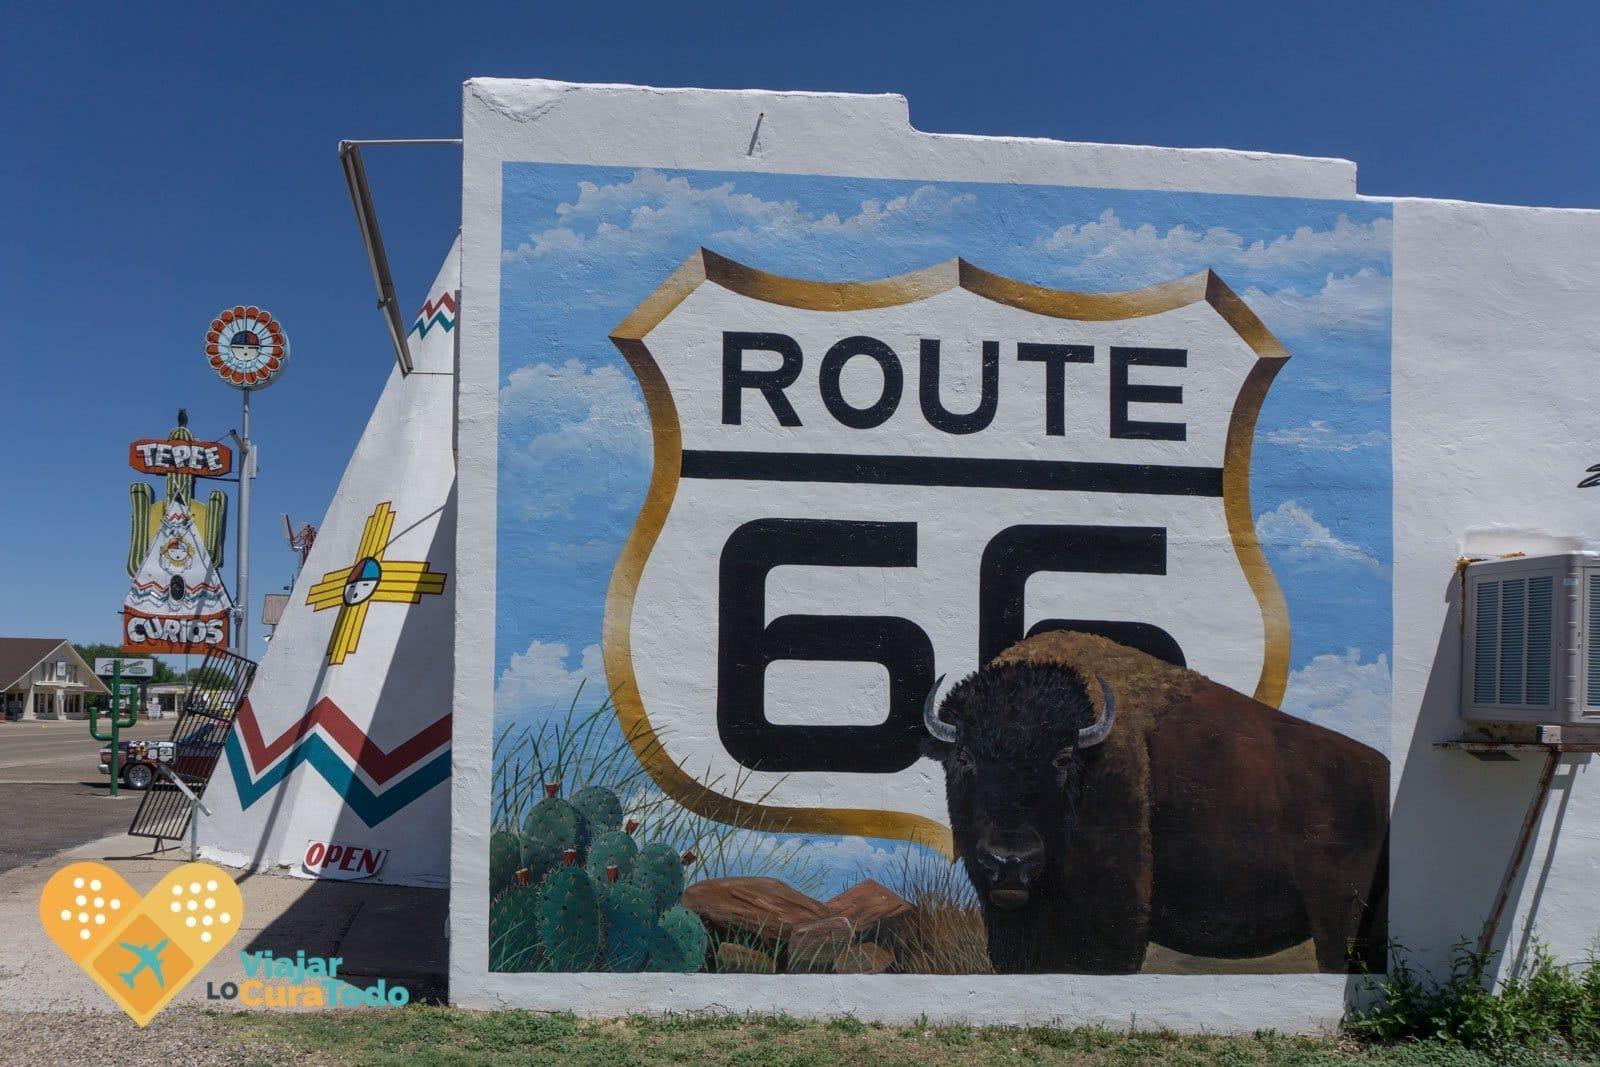 tucumcari route 66 mural